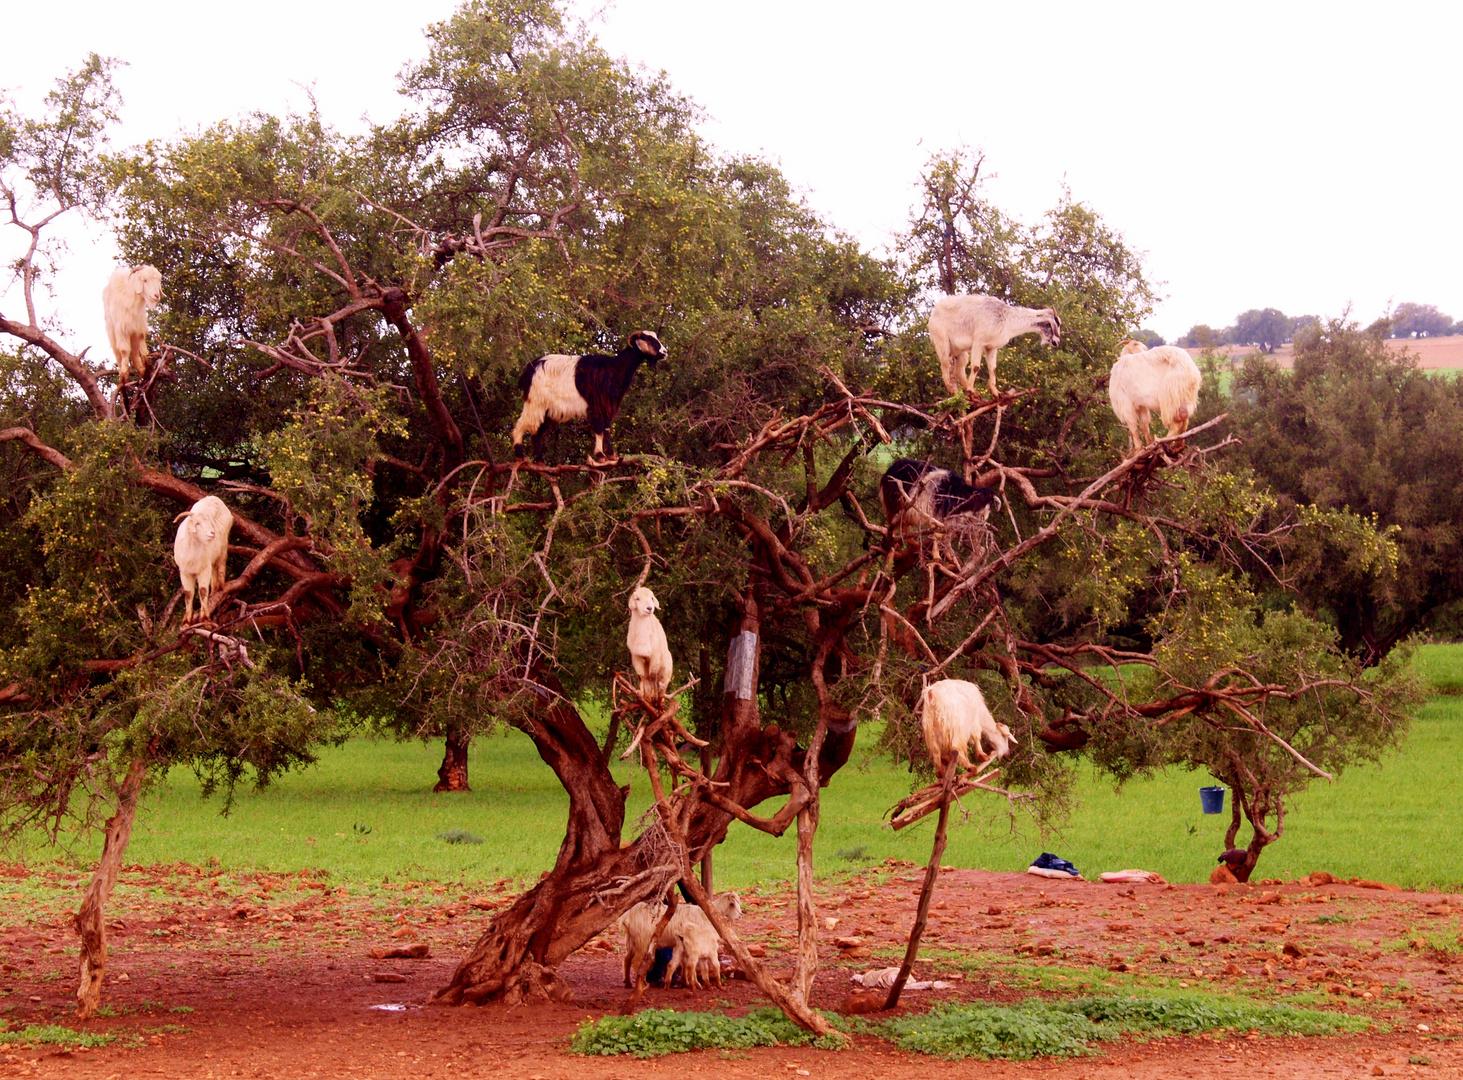 035L'arbre aux chèvres, route d'Essaouira (Maroc)